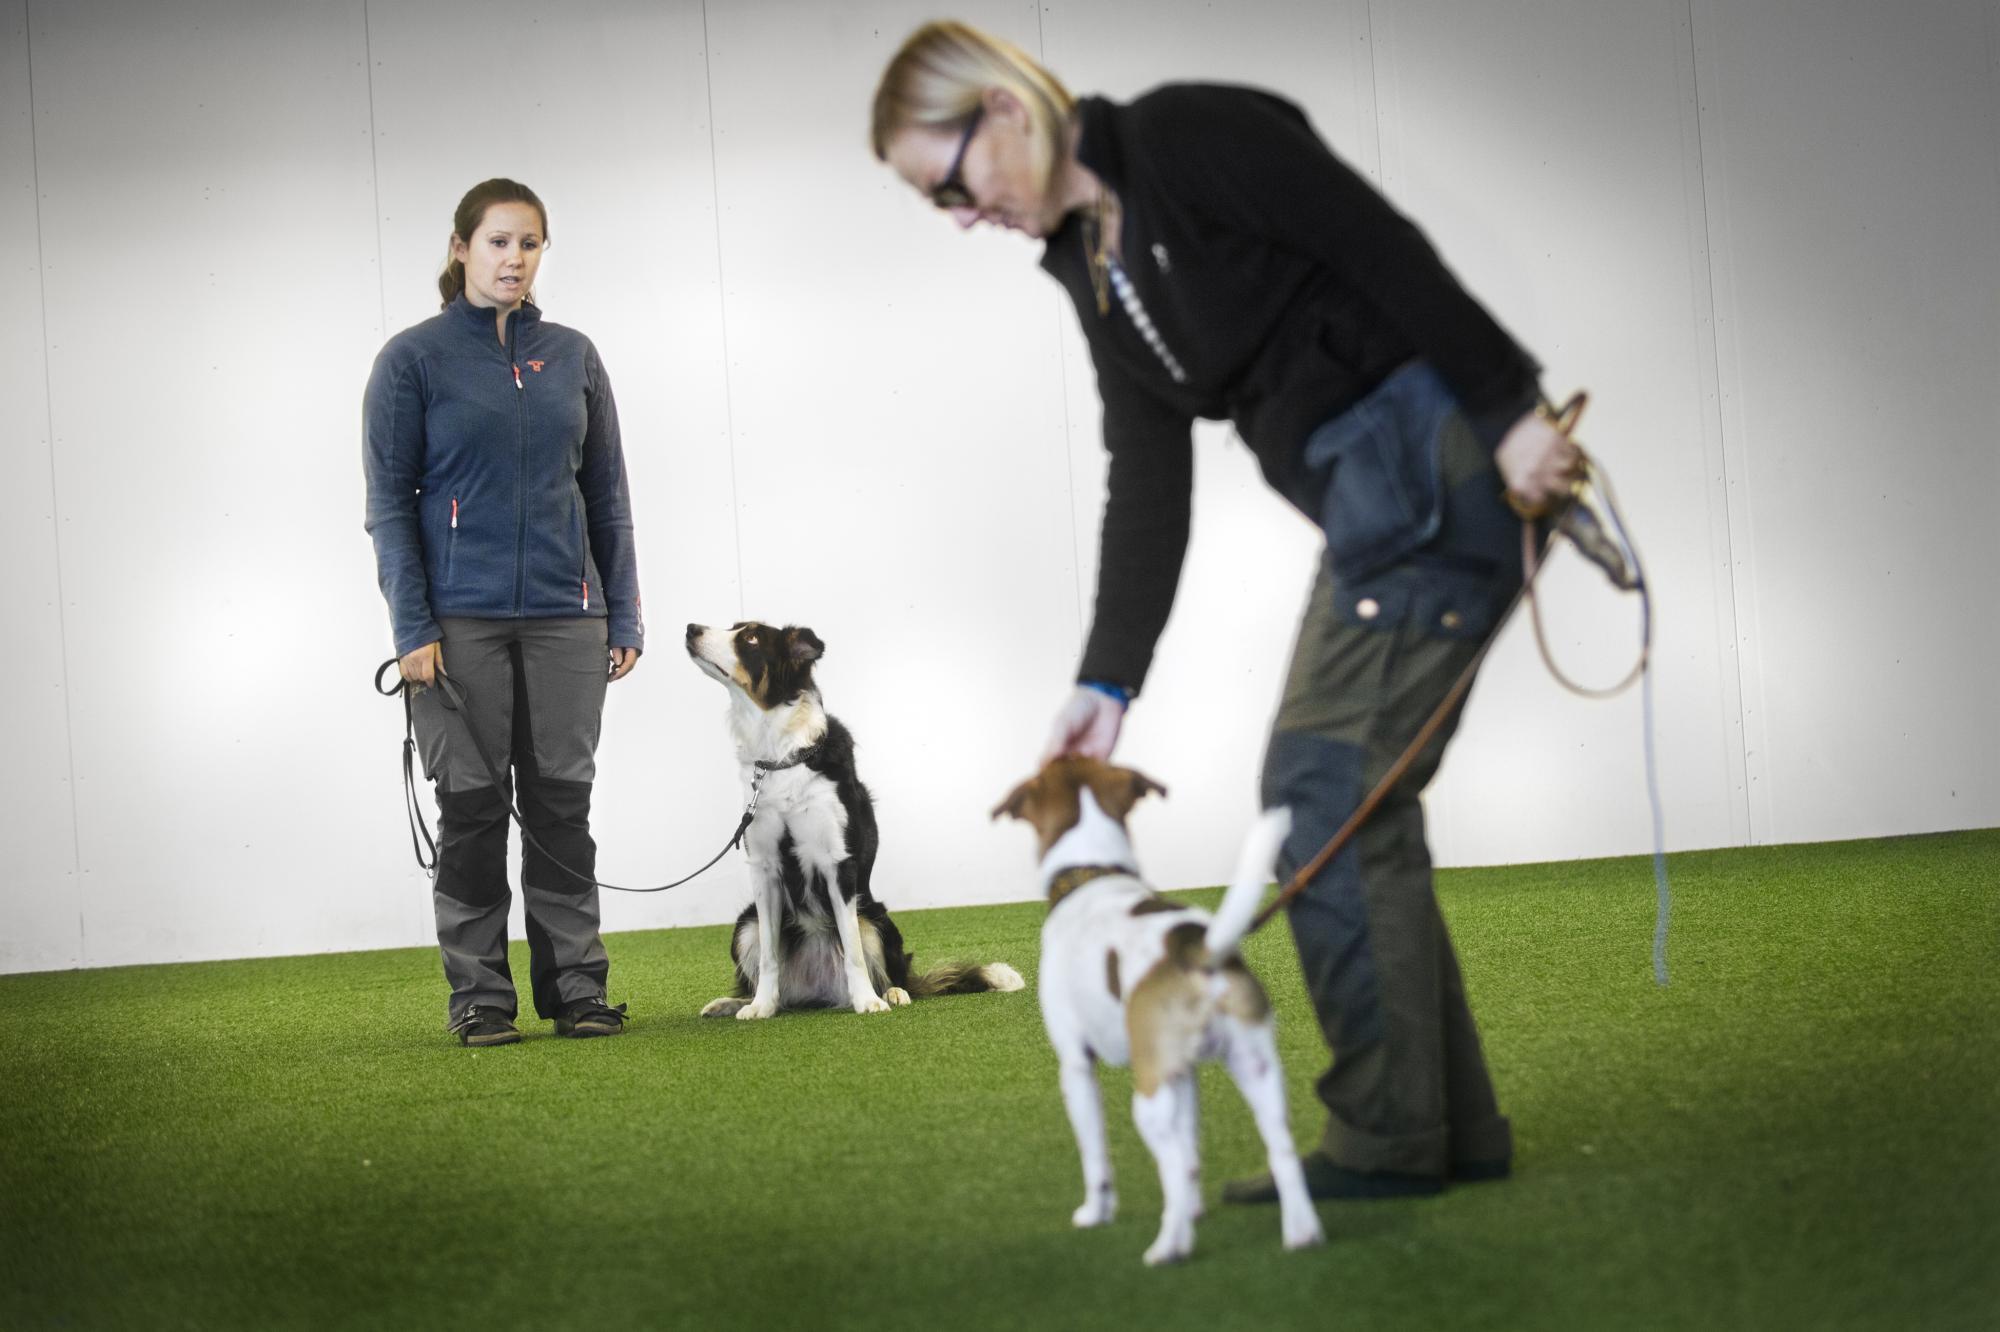 <span>Isabelle Ölund har privatlektion med dansk svenska gårdshundenHugin och matte Anette. Isabelle hyrs även in av Svenska Brukshundklubben för att förbättra deras instruktörer.</span>